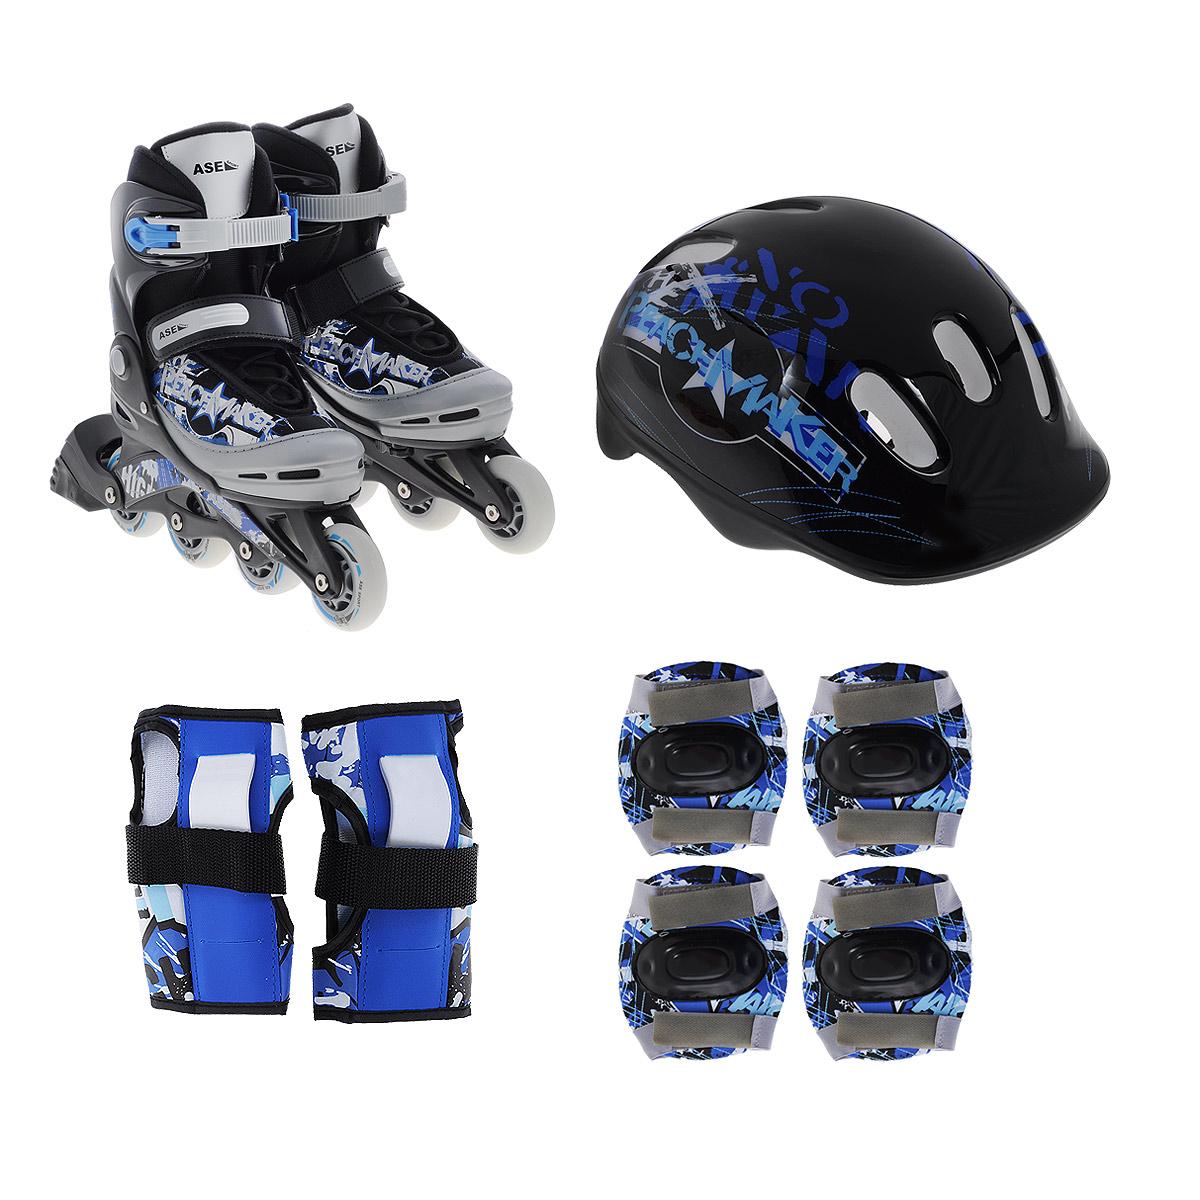 Комплект Ase-Sport Combo: коньки роликовые, шлем, защита, цвет: синий. ASE-617M. Размер M (34/37)AIRWHEEL M3-162.8Комплектуются роликовыми коньками ASE-617.Конструкция: верх сапожка изготовлен из современного синтетического материала, стойкого к внешним воздействиям. Внутри сапожка отделка сделана из синтетического материала с мягкой подкладкой в боковых частях для более удобной и надежной фиксации ноги во время катания. Застежка типа AUTO LOCK удобно регулируется на нужный размер. Система изменения размера корпуса проста в использовании, позволяет быстро и комфортно подогнать сапожок под ногу. ыКорпус роликов изготовлен из прочного пластика, стойкого к механическим нагрузкам и внешним воздействиям окружающей среды. Интегрированная в корпус рама (единая конструкция) дает дополнительную прочность корпусу, исключая риск поломки при механических нагрузках, а также эффективно гасит вибрацию во время катания. Стельки сделаны из специального вспененного материала, который удобно повторяет анатомическое строение стопы ноги и дополнительно поглощает вибрацию. Шнуровка коньков: матерчатые петли в сочетании с широким язычком, и шнурки из полиэстера с синтетическими волокнами для более прочной фиксации ноги.Ролики комплектуются тормозом, колесами класса жесткости 82А. Диаметр колес 70 мм, точность подшипников ABEC-5. В комплект входят: ролики, защитный шлем, роликовая защита рук, ног и локтей, а также удобная и прочная сумка для переноски и хранения.